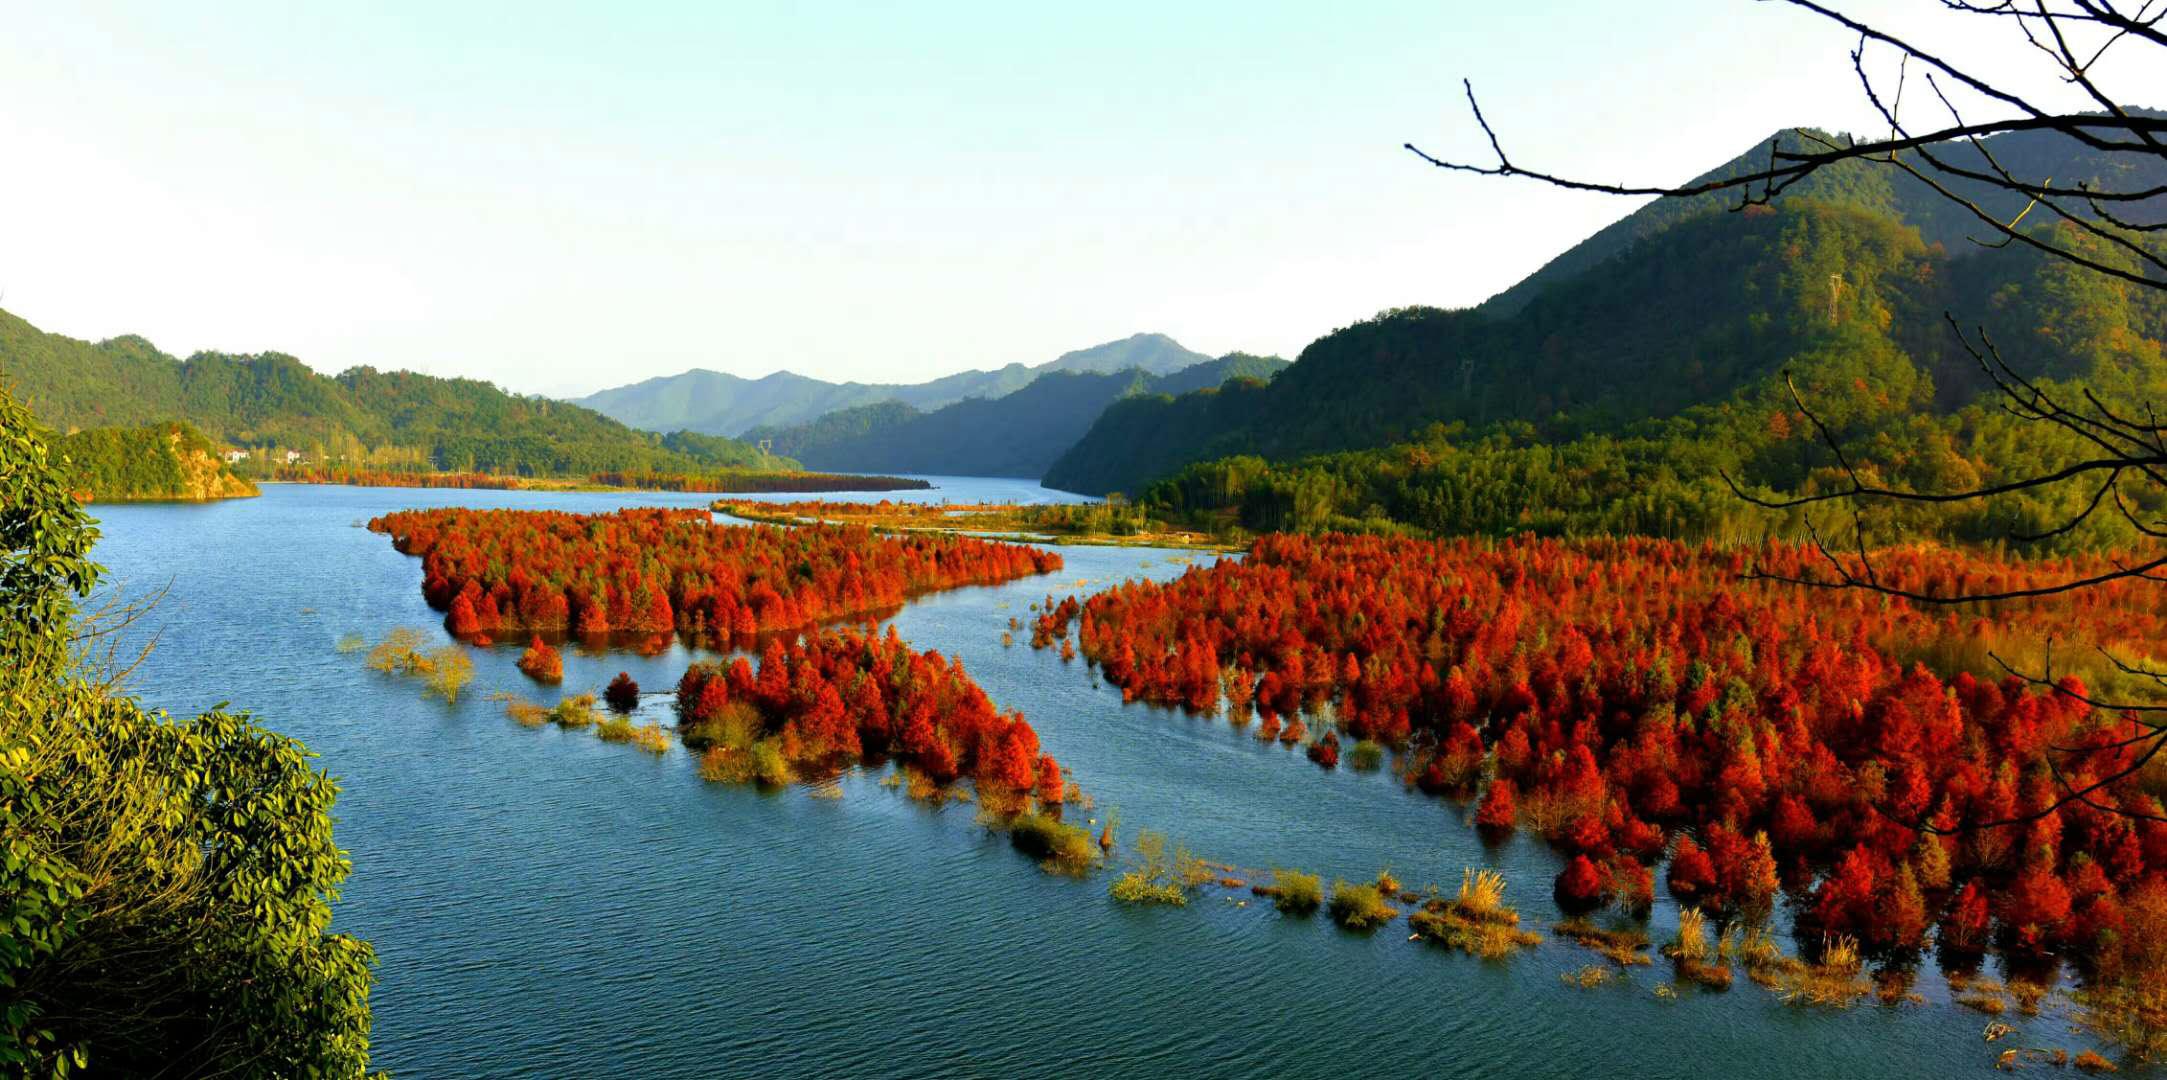 安徽皖南小木屋风景